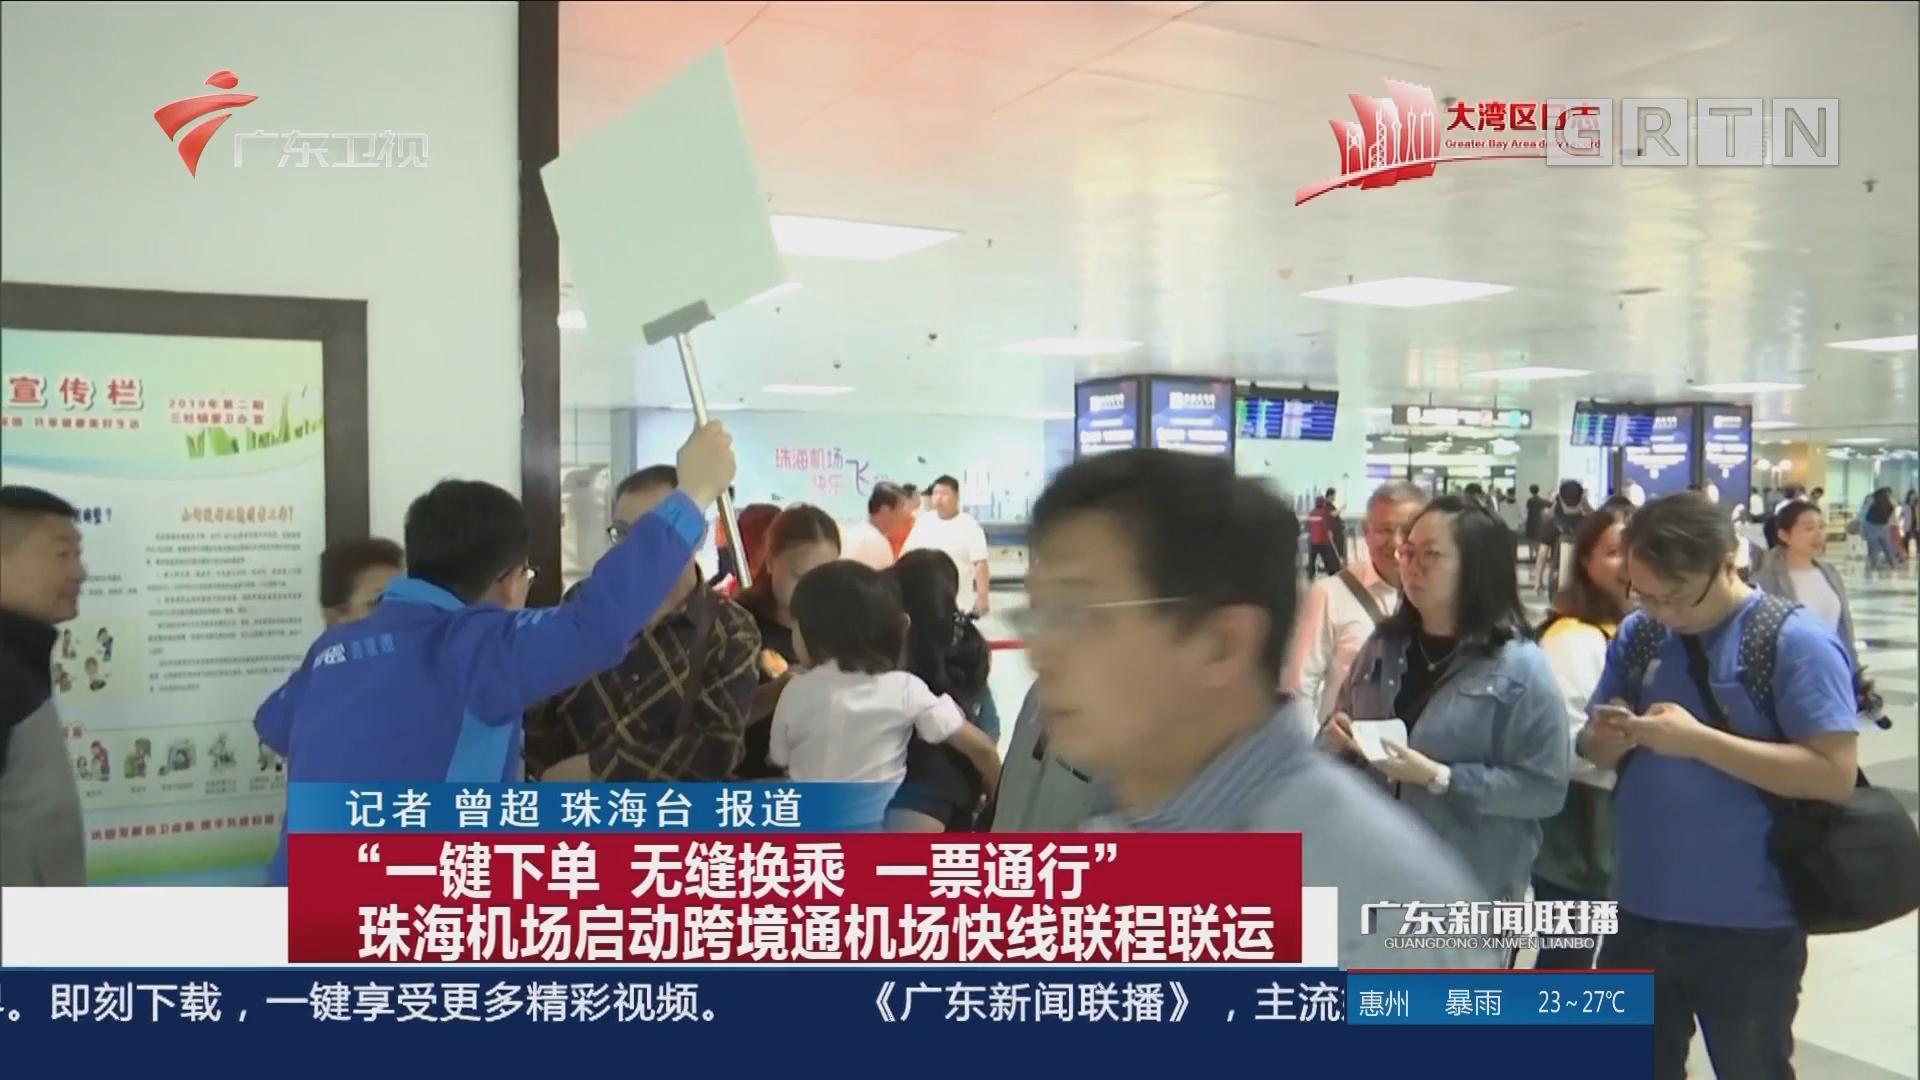 """""""一键下单 无缝换乘 一票通行"""" 珠海机场启动跨境通机场快线联程联运"""